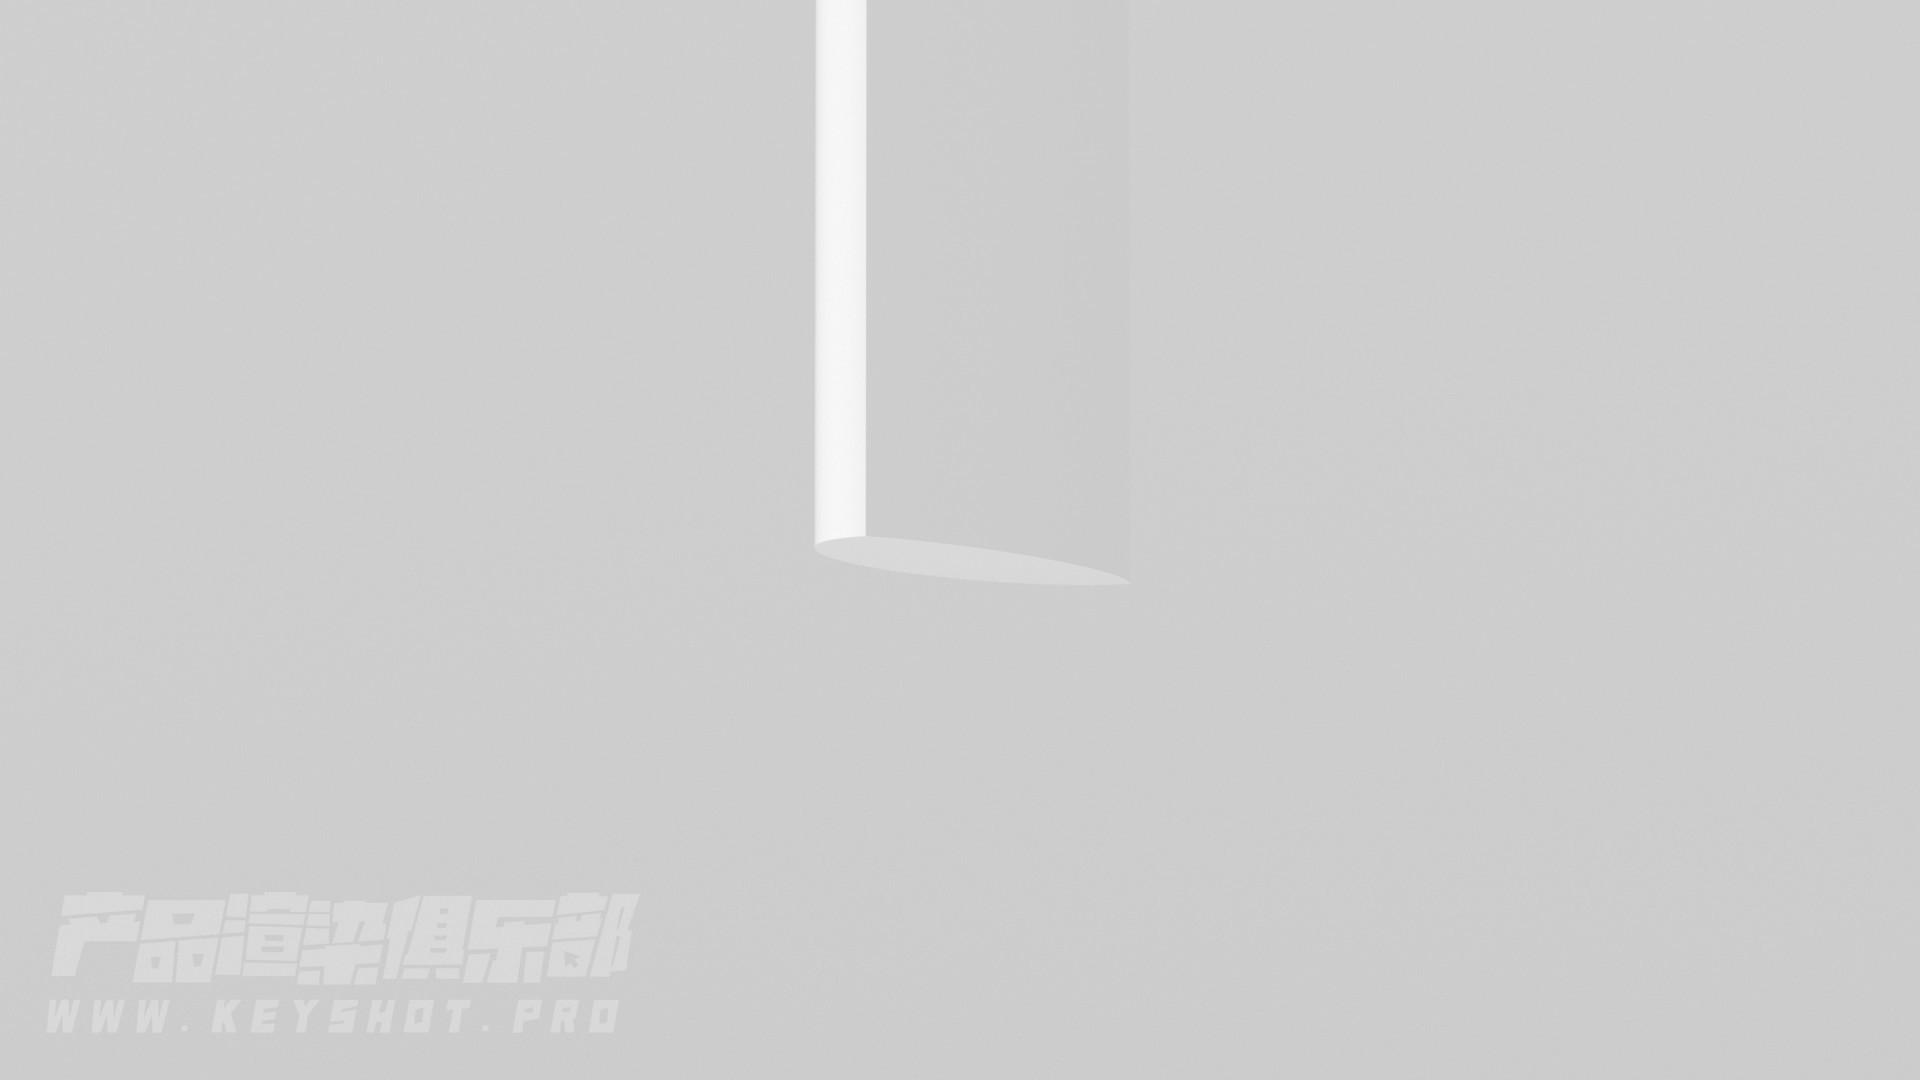 小米盒子3增强版工业设计宣传片